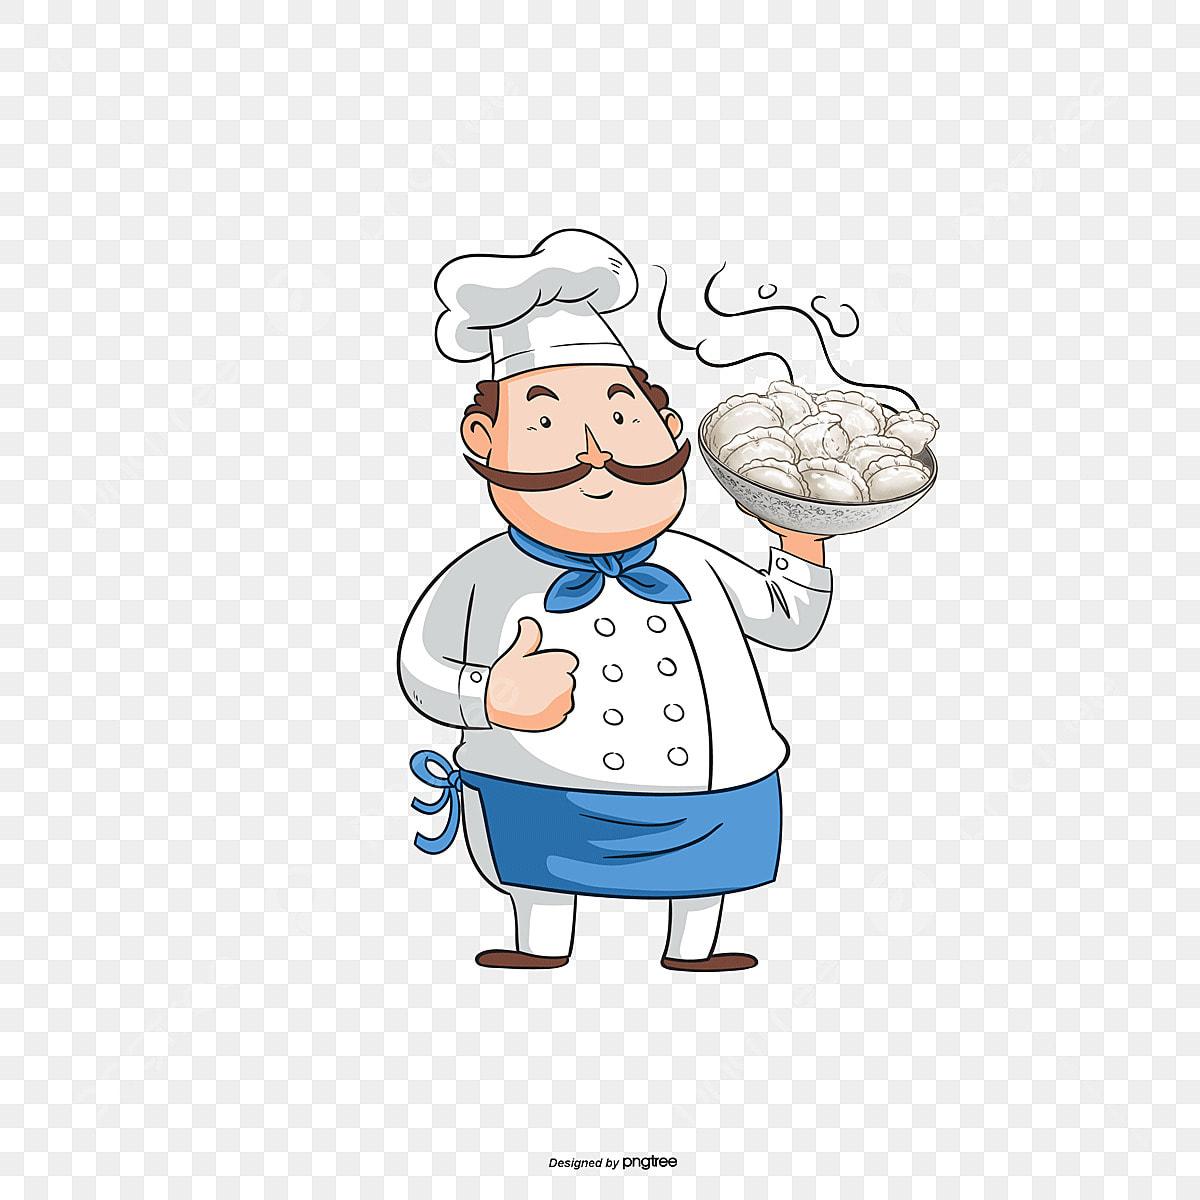 فواصل شيف لتزيين المواضيع Pngtree-chef-holding-a-bowl-png-image_2526795